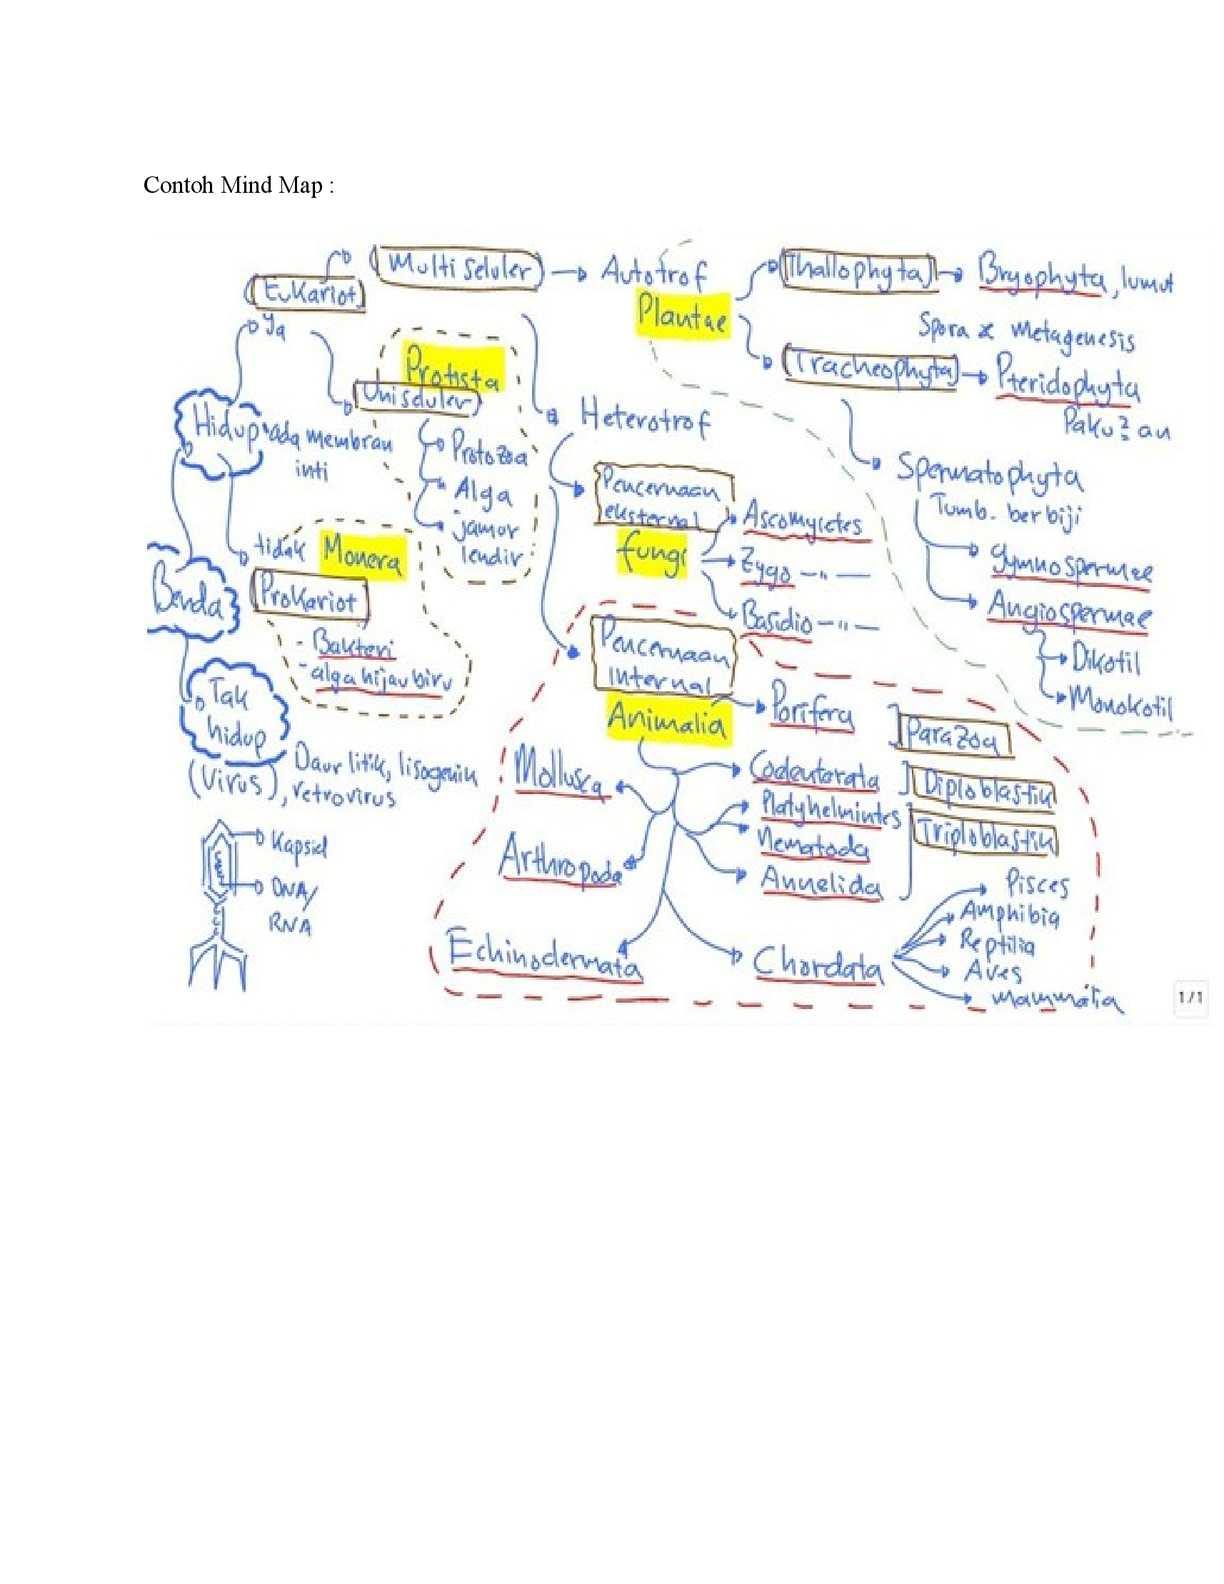 Calamo contoh mind map ccuart Gallery